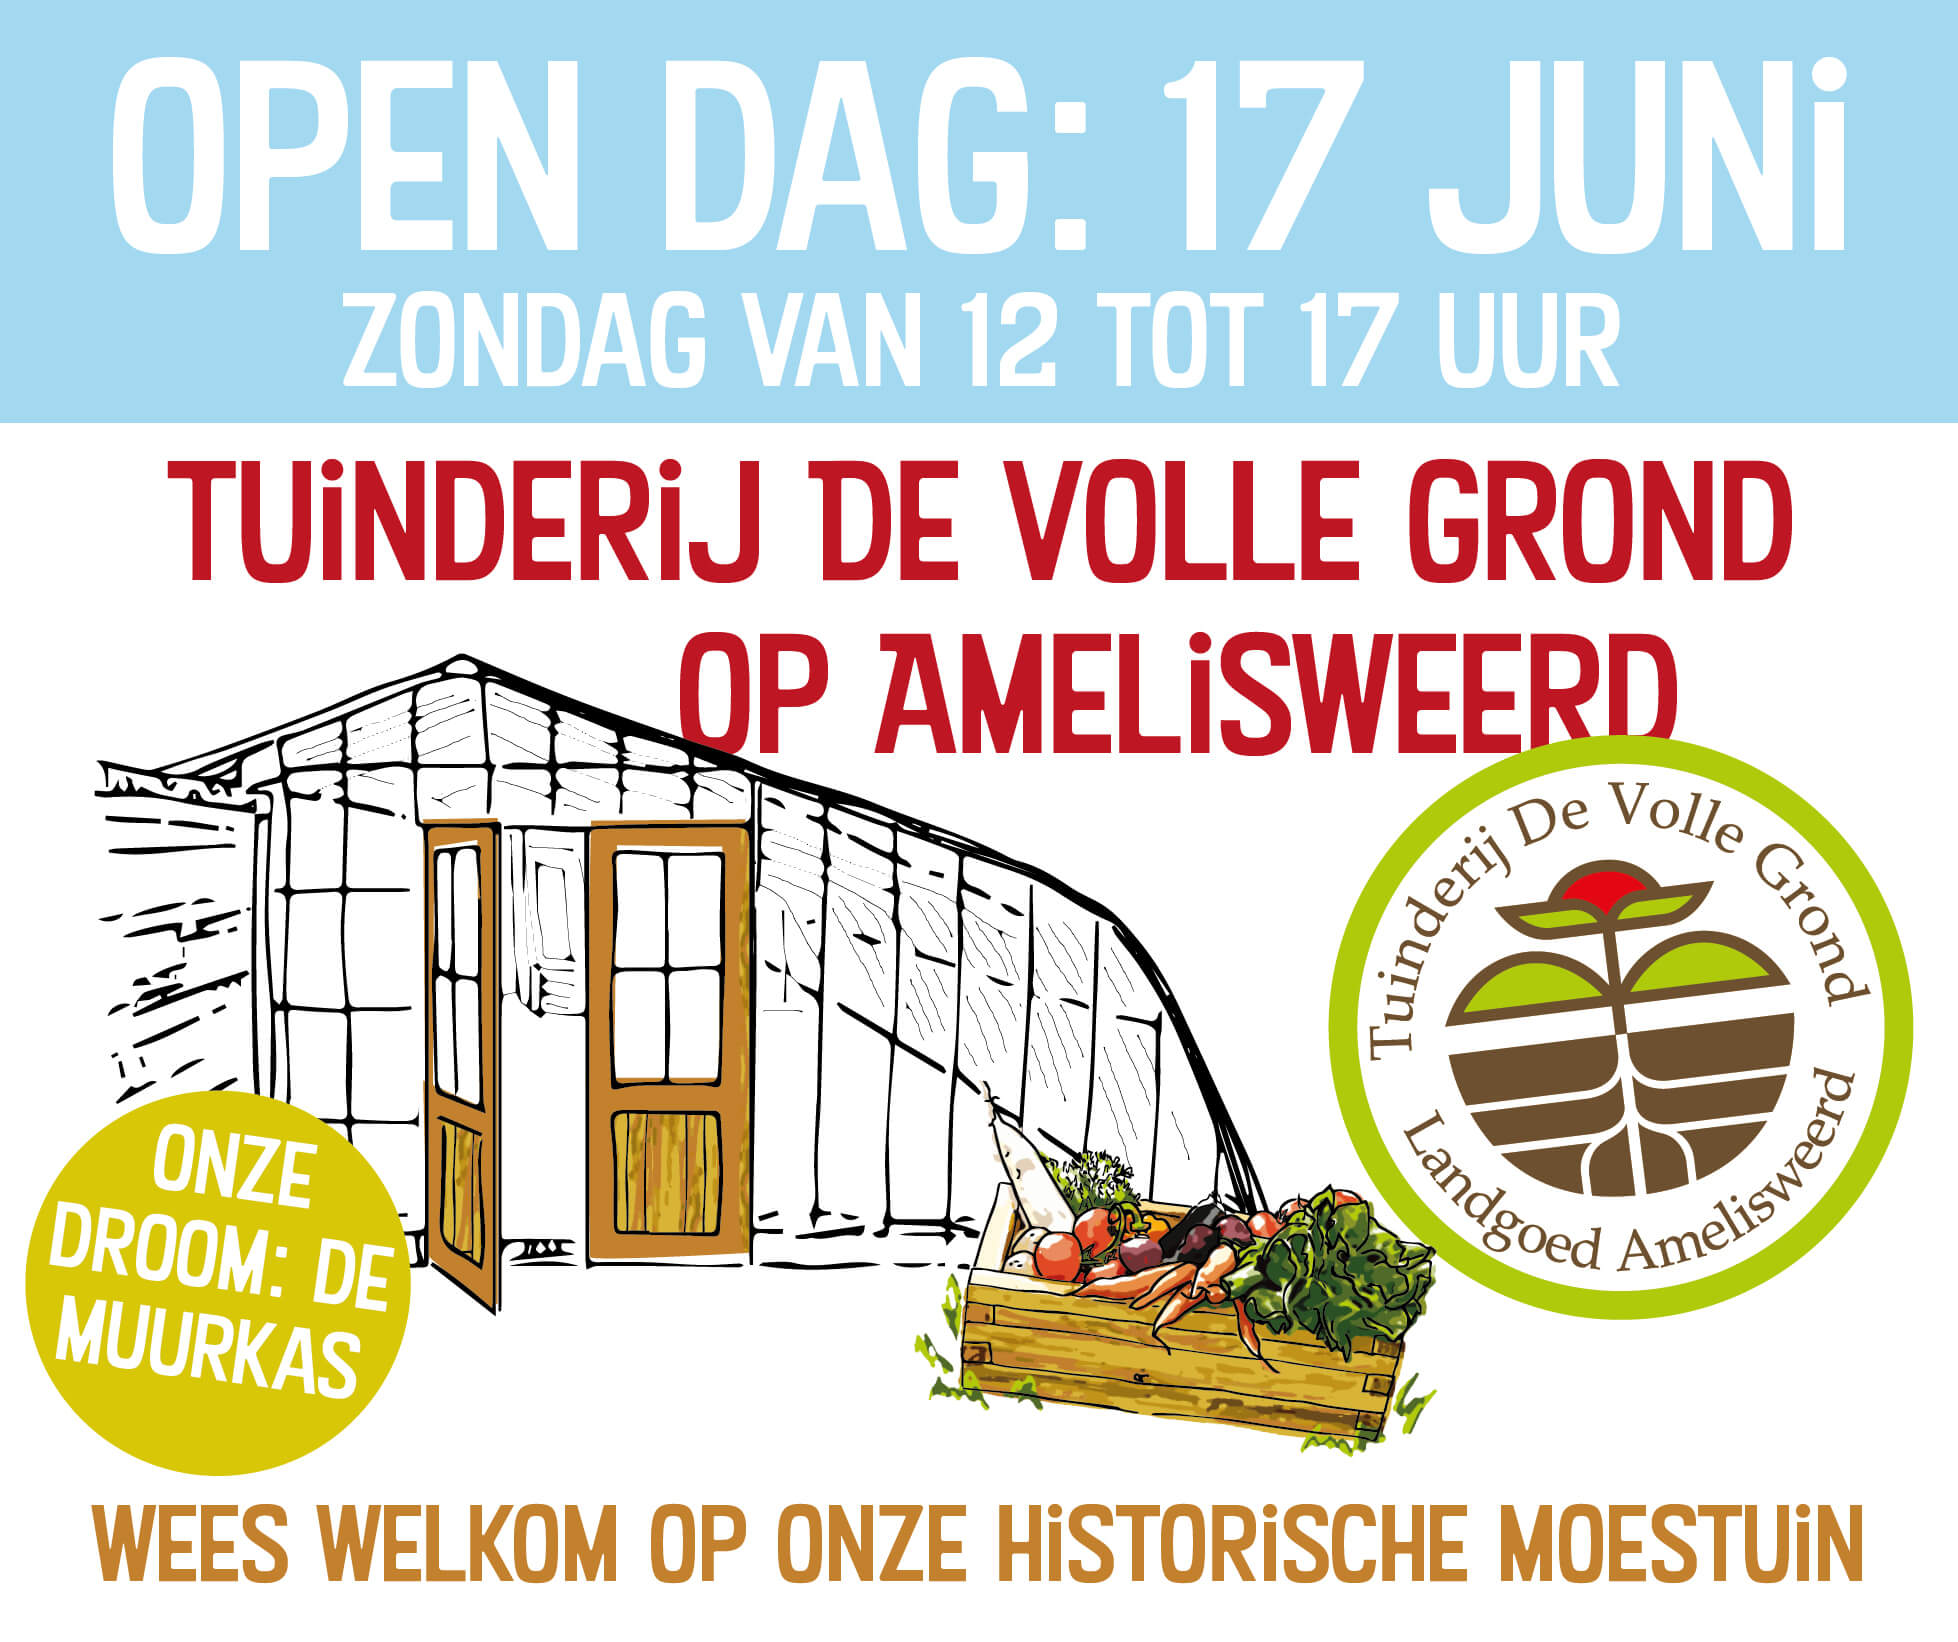 De Volle Grond open dag 17 juni 2018